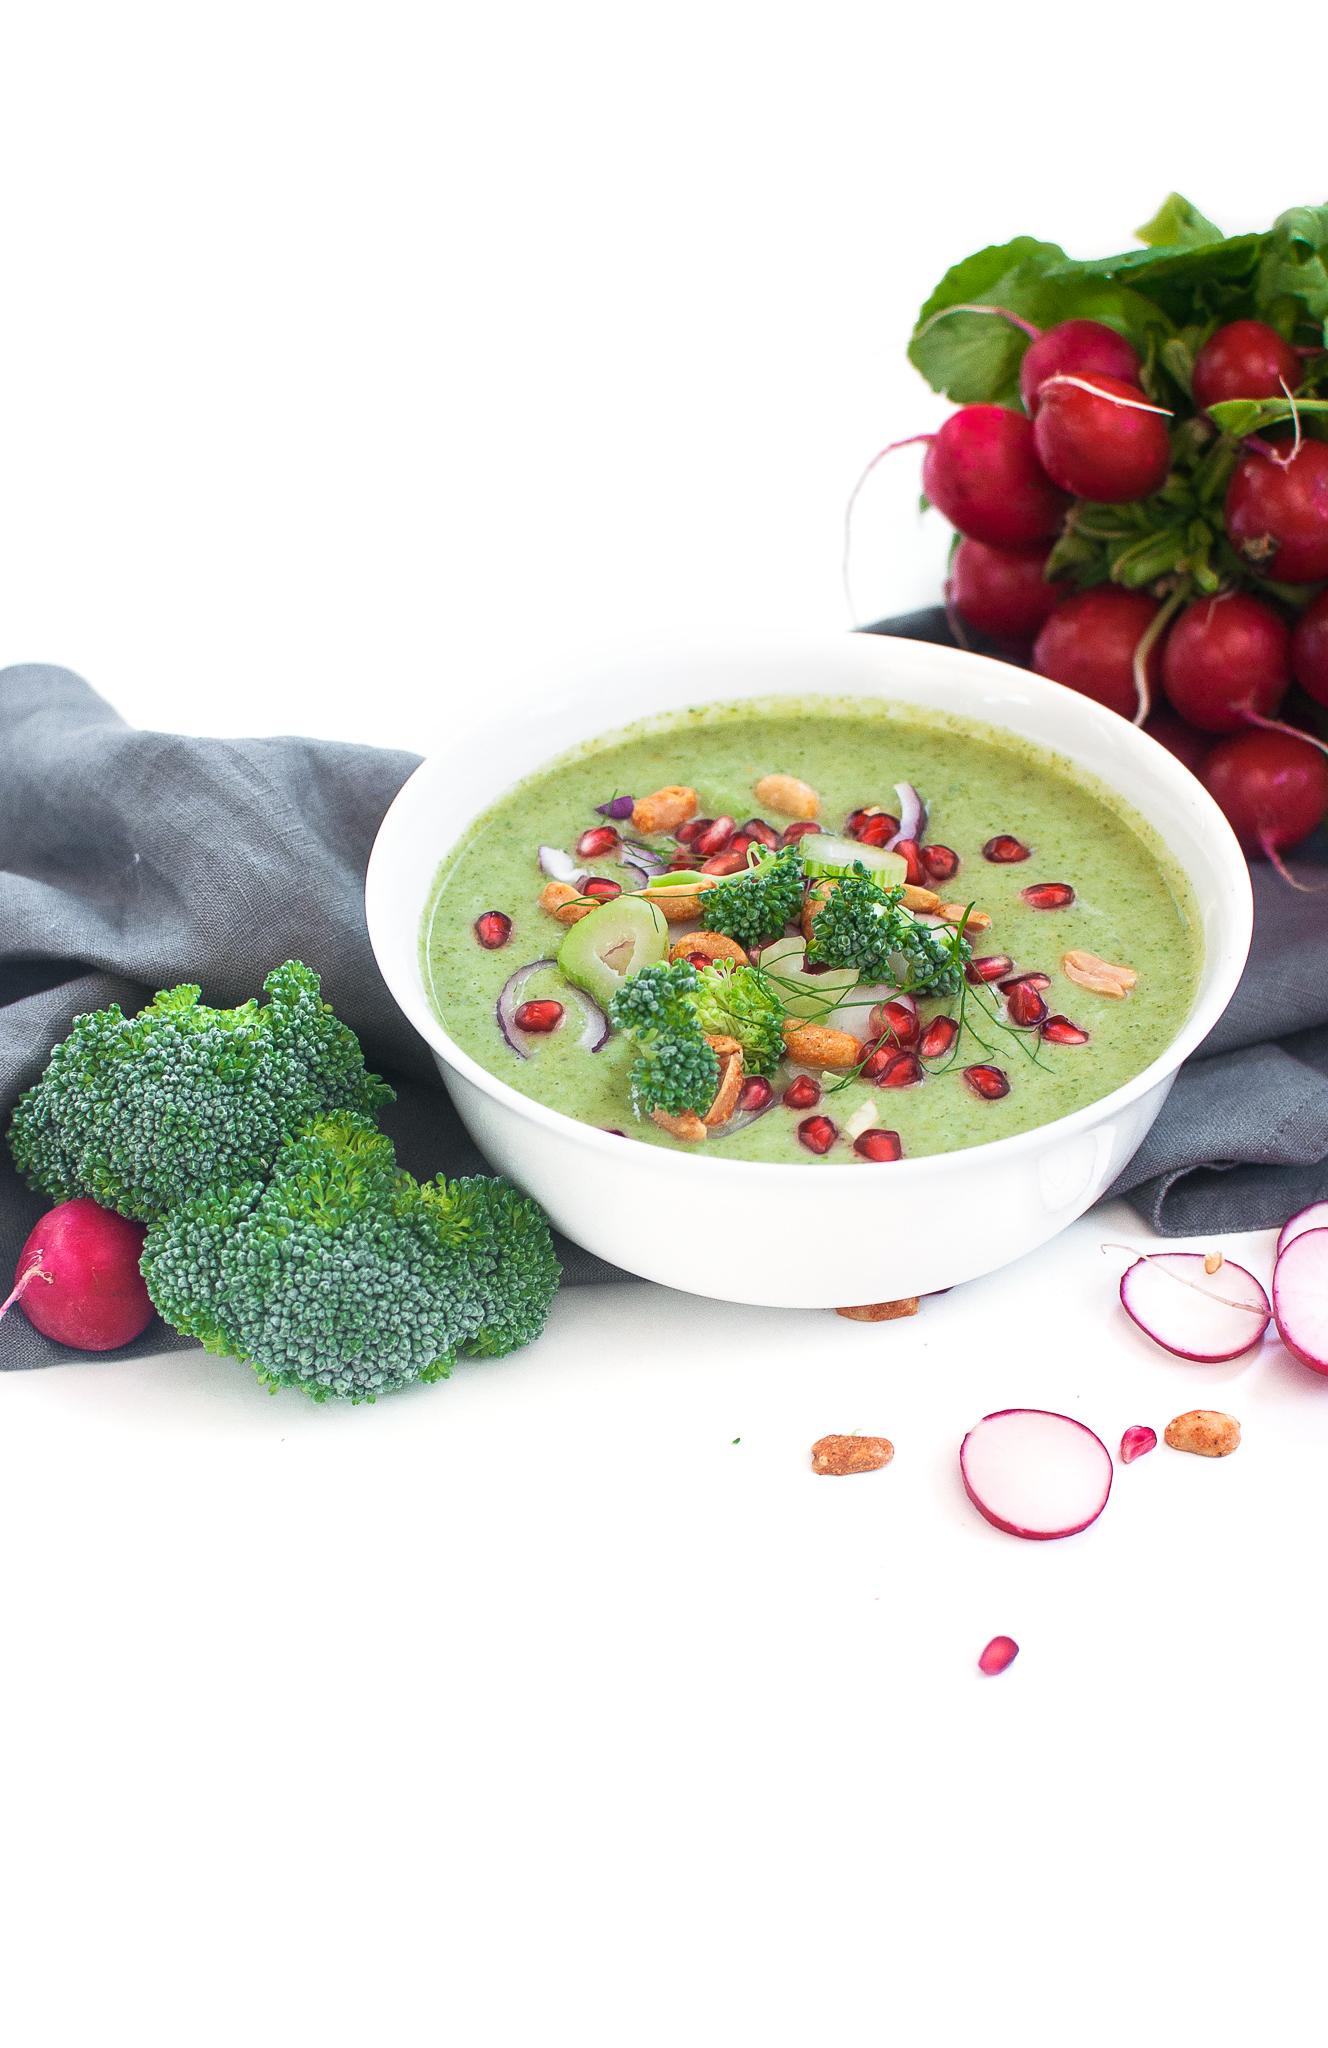 Herbstliche Brokkoli Fenchelsuppe http://wp.me/p6GO5w-Pu